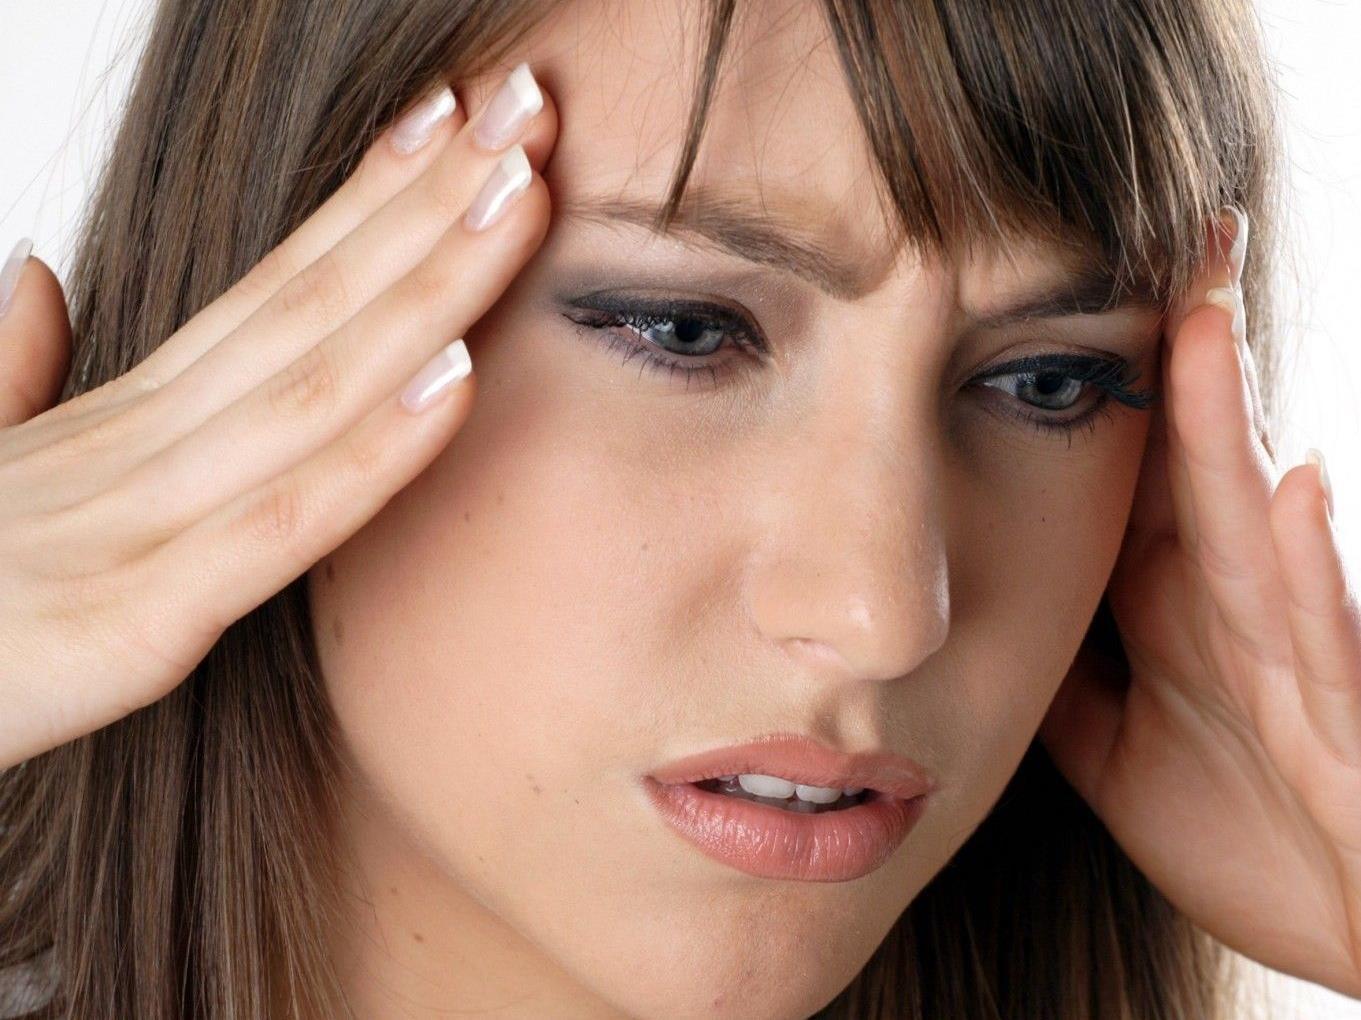 IQ offenbar entscheidend für Schmerzempfinden.